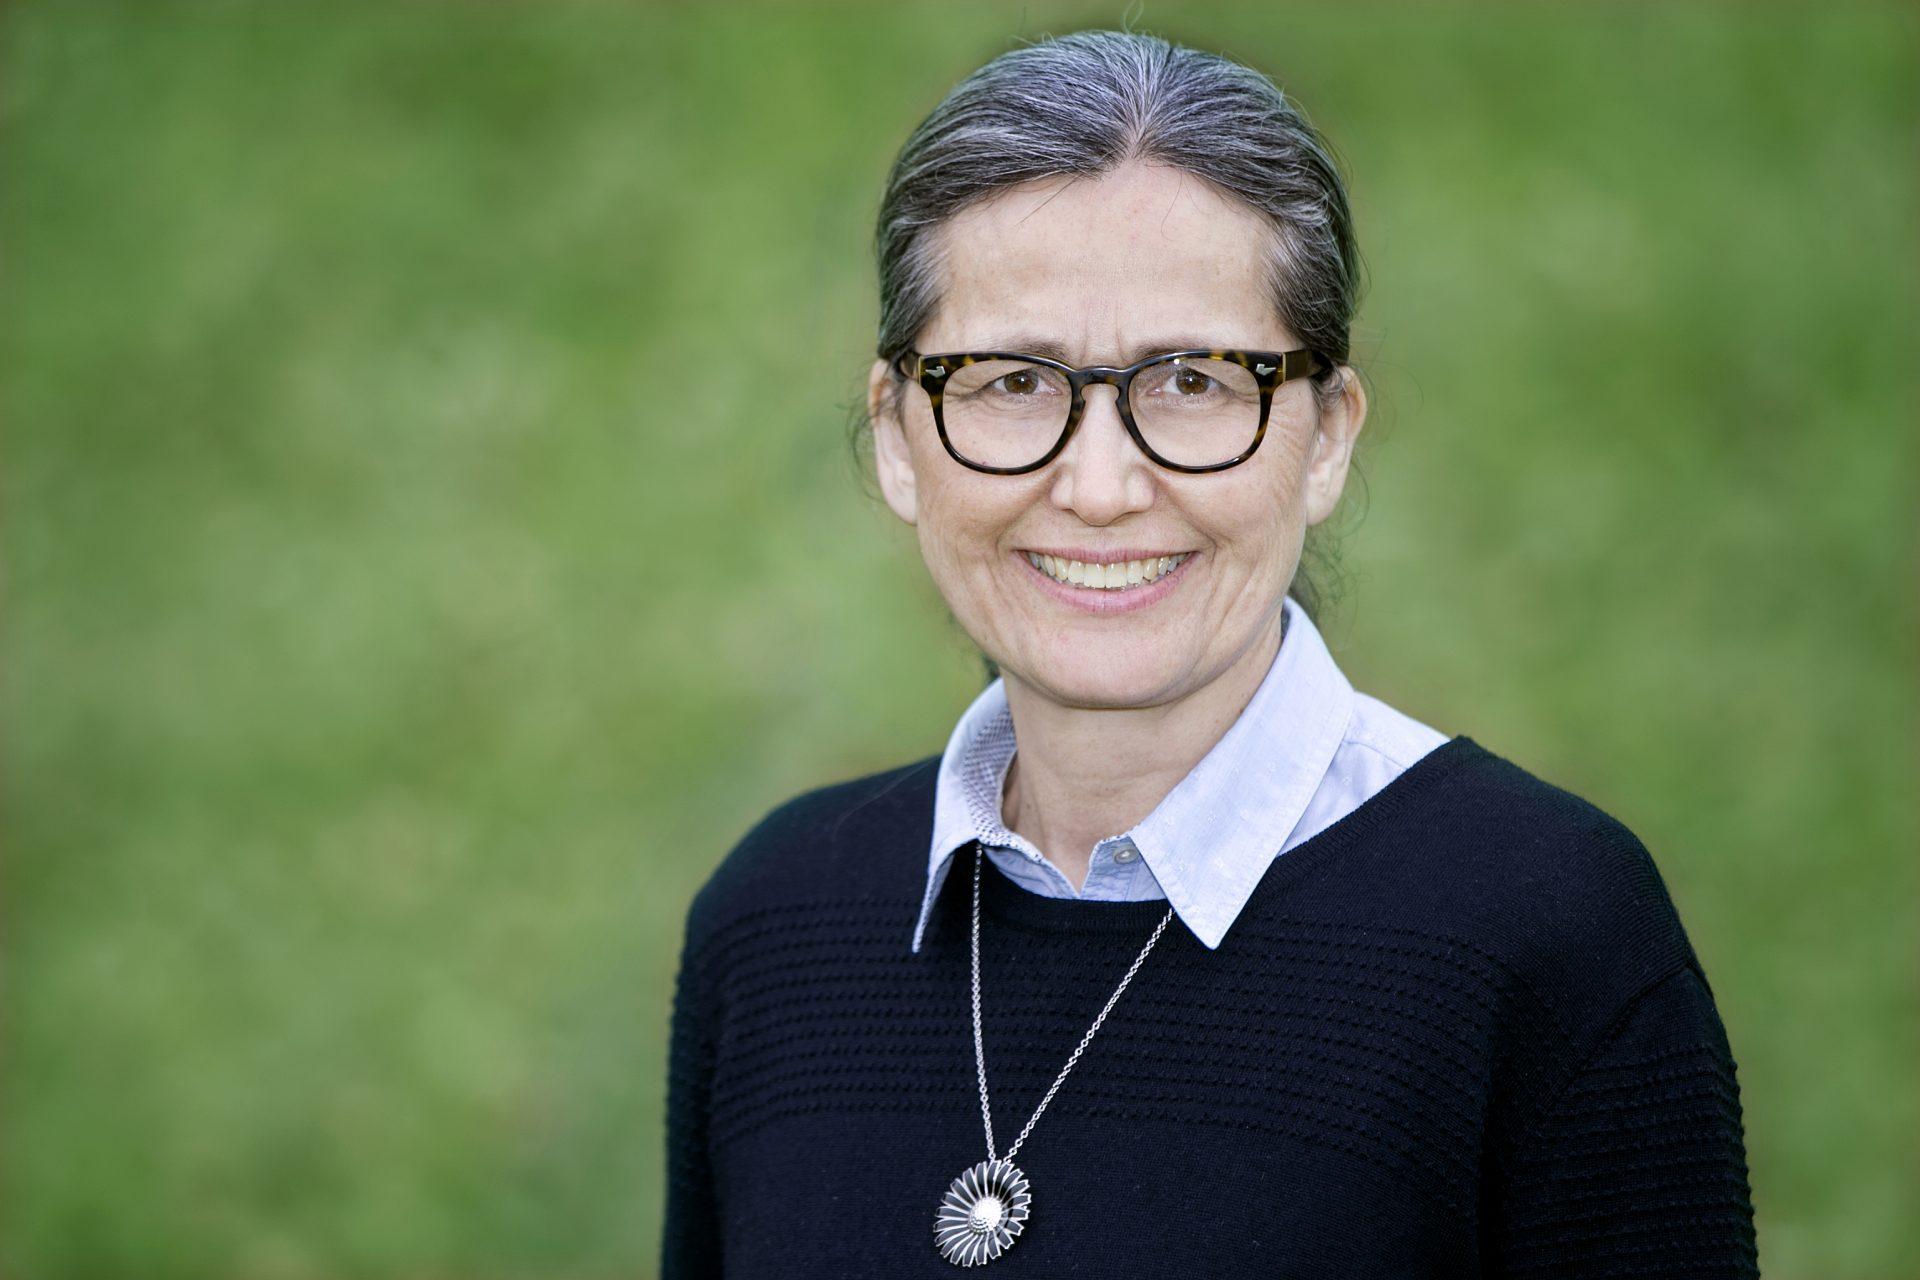 Venstre Horsens Dorthe Mogensen